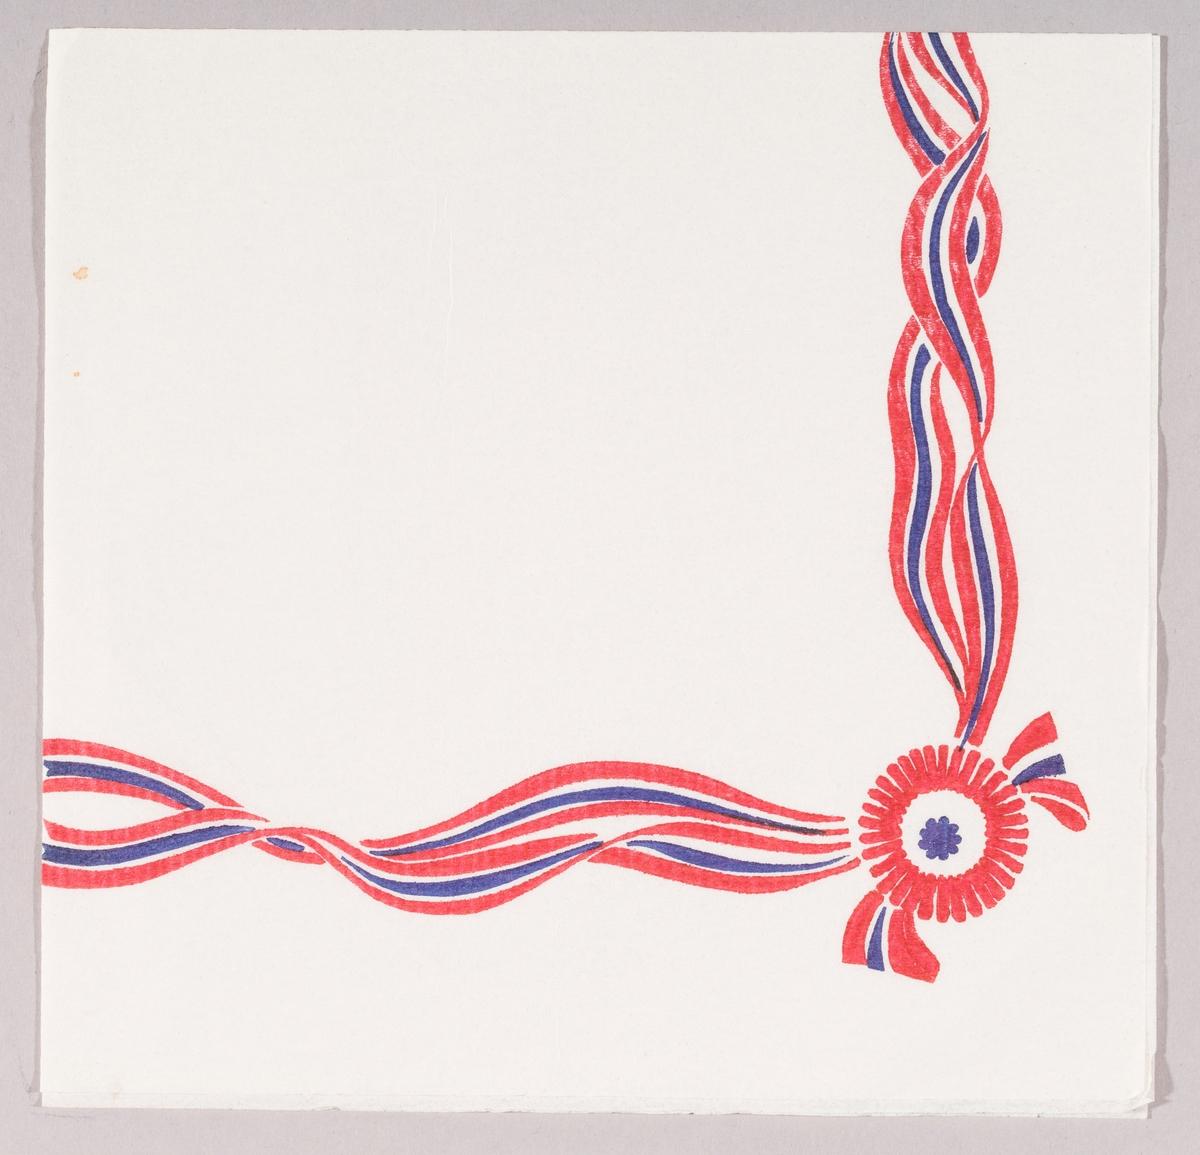 Et bånd i rødt, hvitt og blå med 17. mai rosett